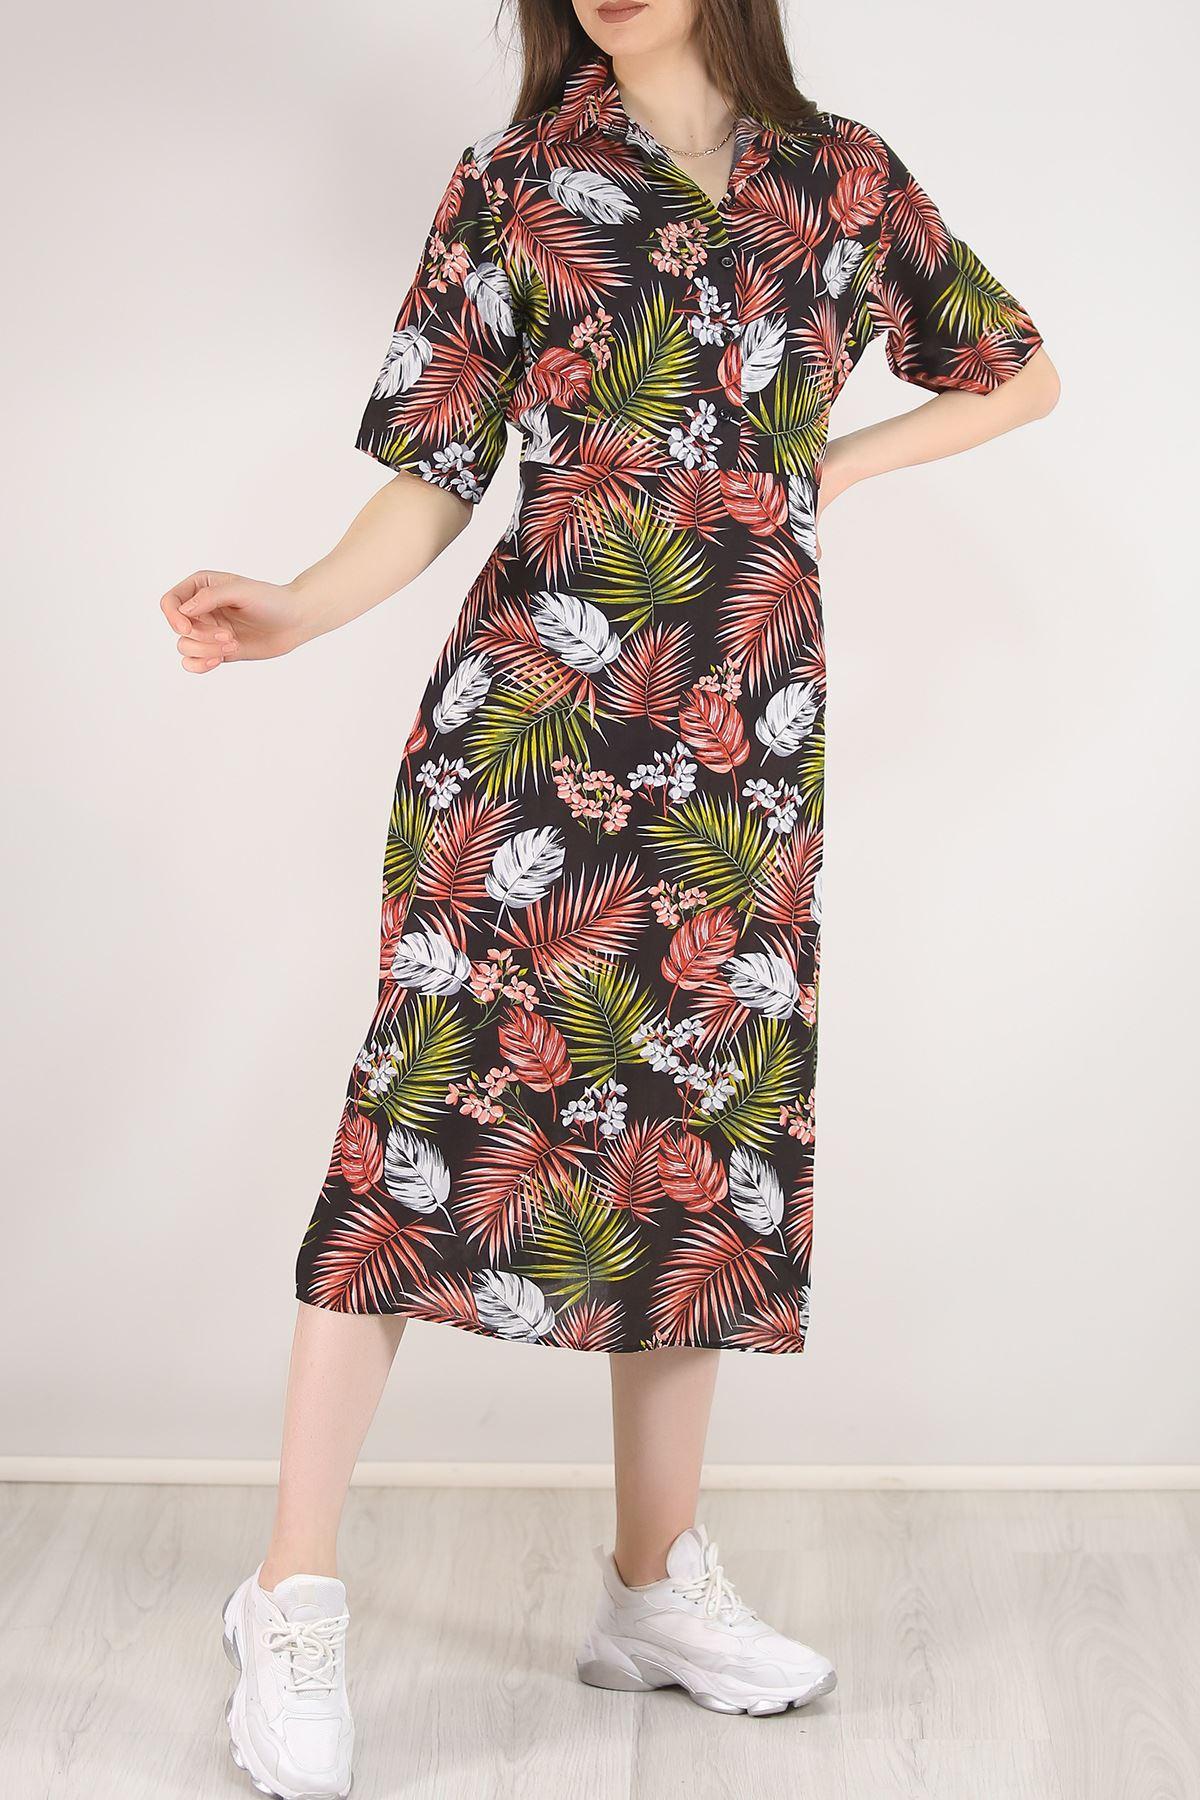 Kısa Kol Kloş Elbise Siyahyapraklı - 5581.701.